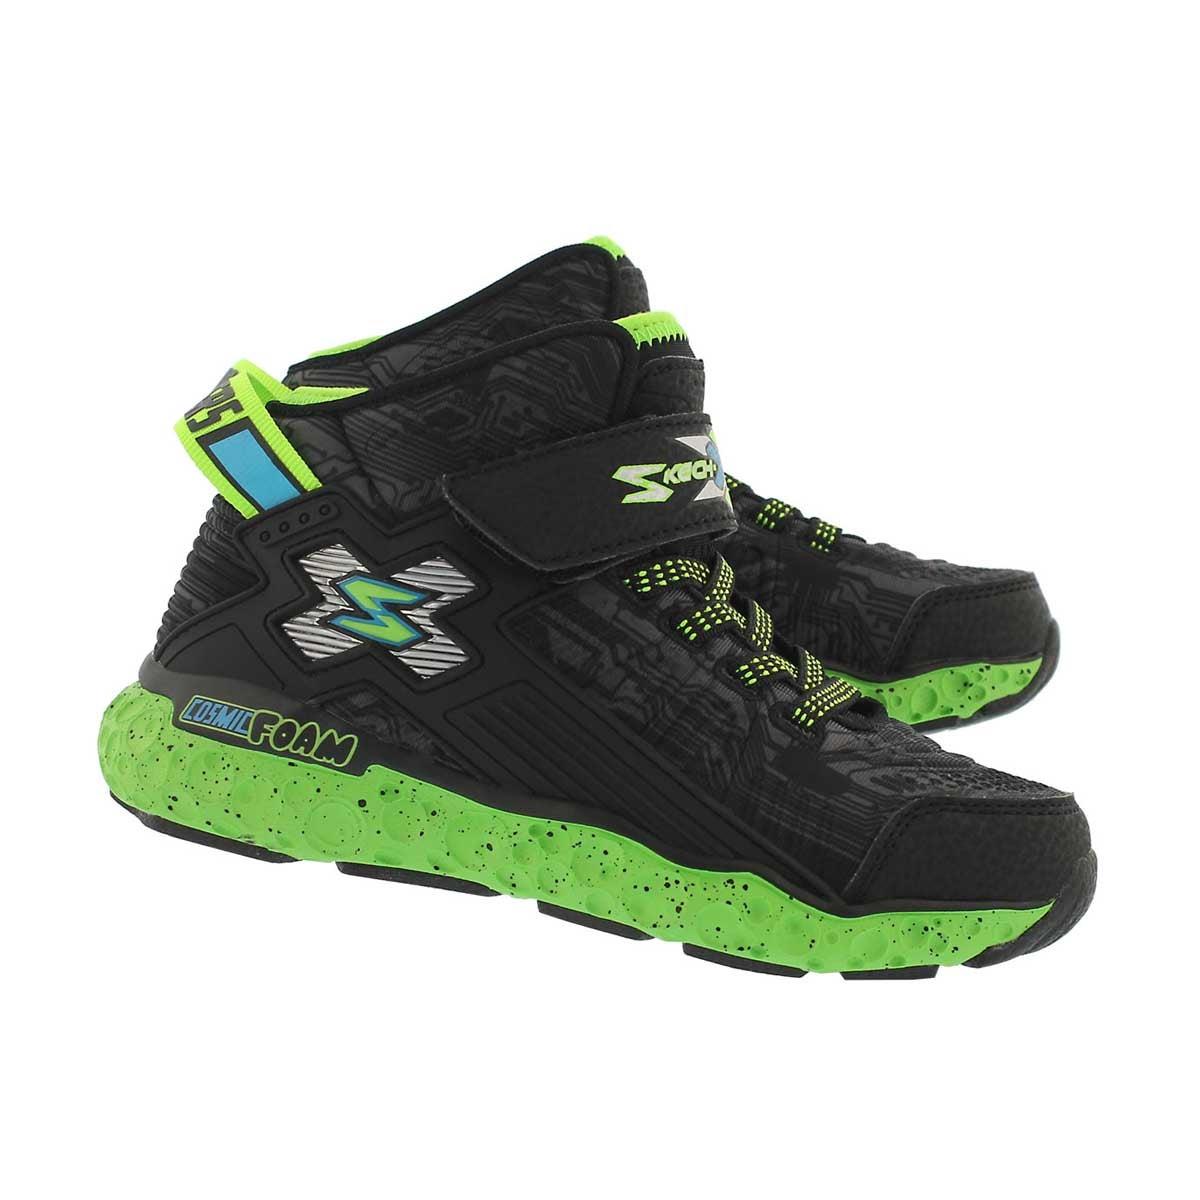 Bys Cosmic Foam blk/lime sneaker